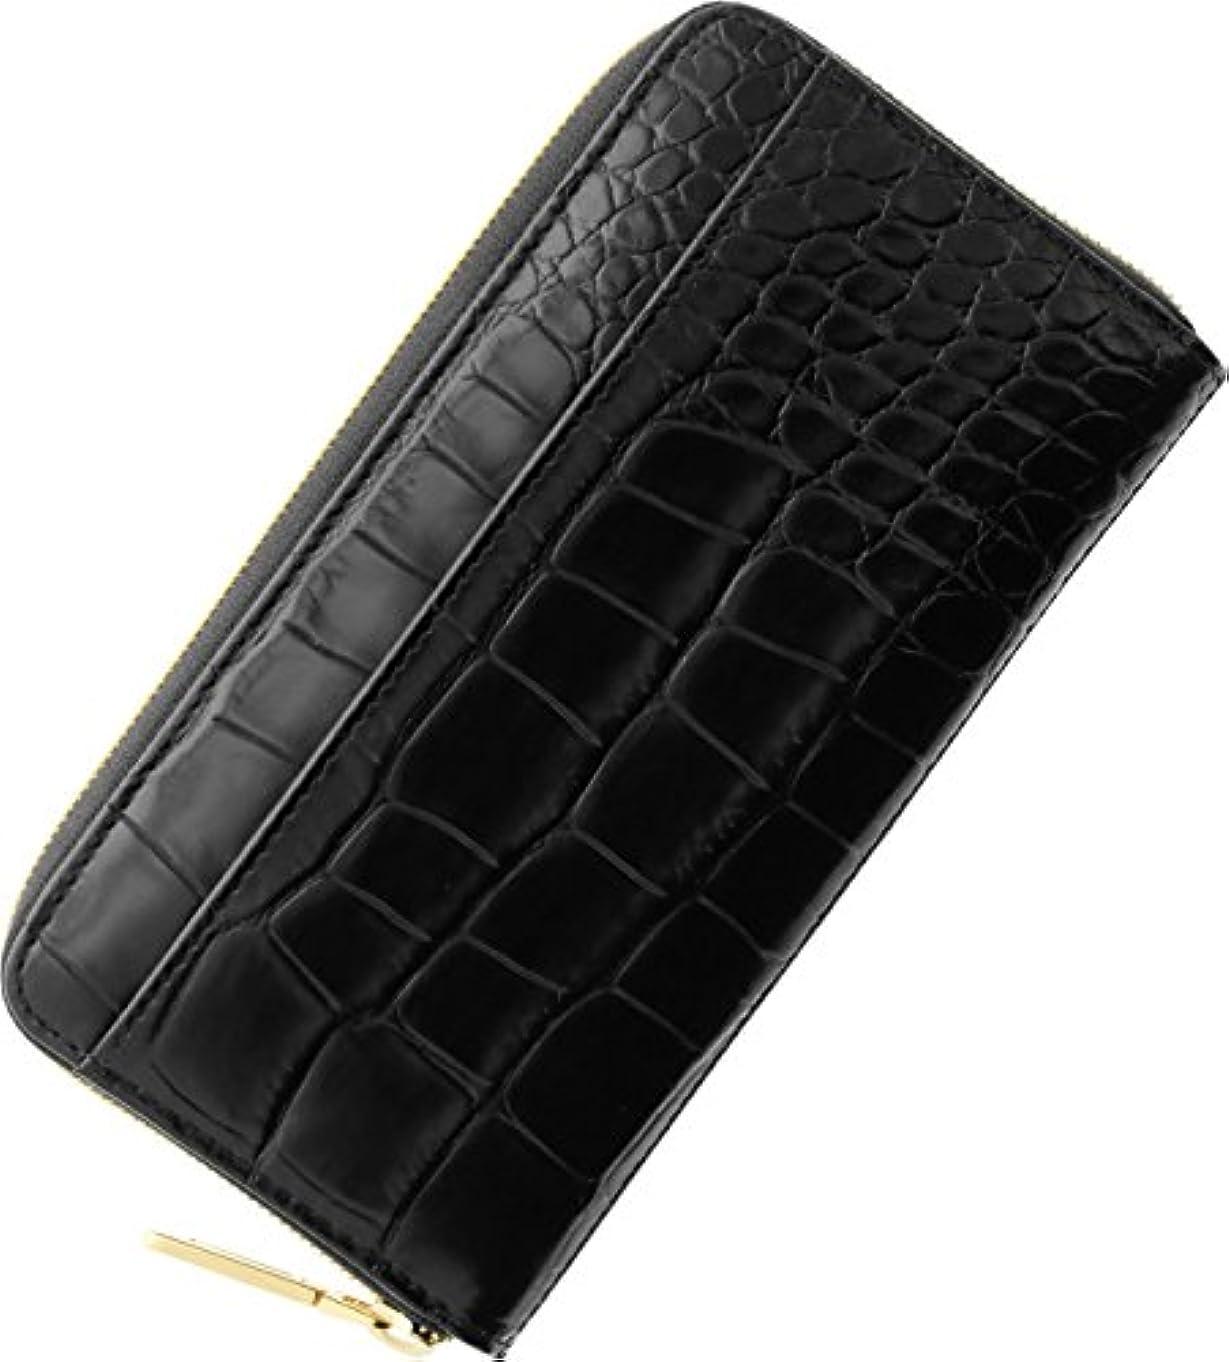 める驚いたつぼみ財布 メンズ 長財布 クロコダイル型押し ラウンドファスナー 真鍮 イタリア製本革 レザー 革